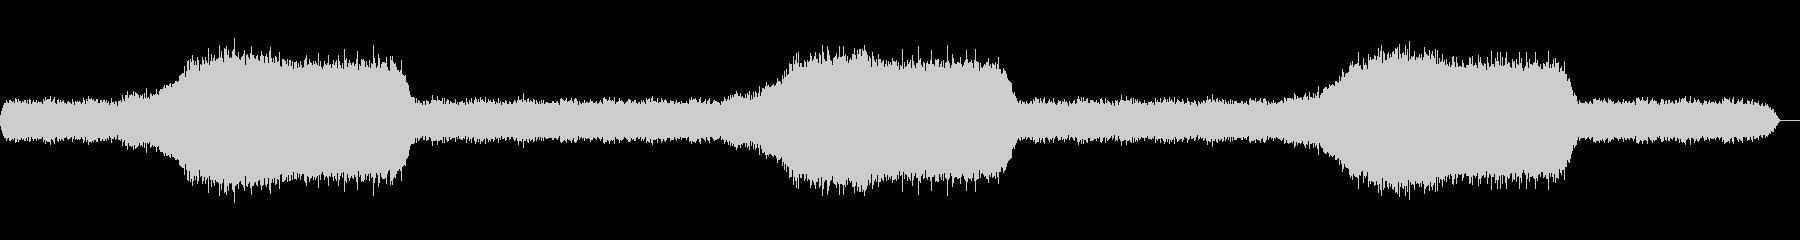 多くの蝉が鳴く場所をバイノーラル録音方…の未再生の波形